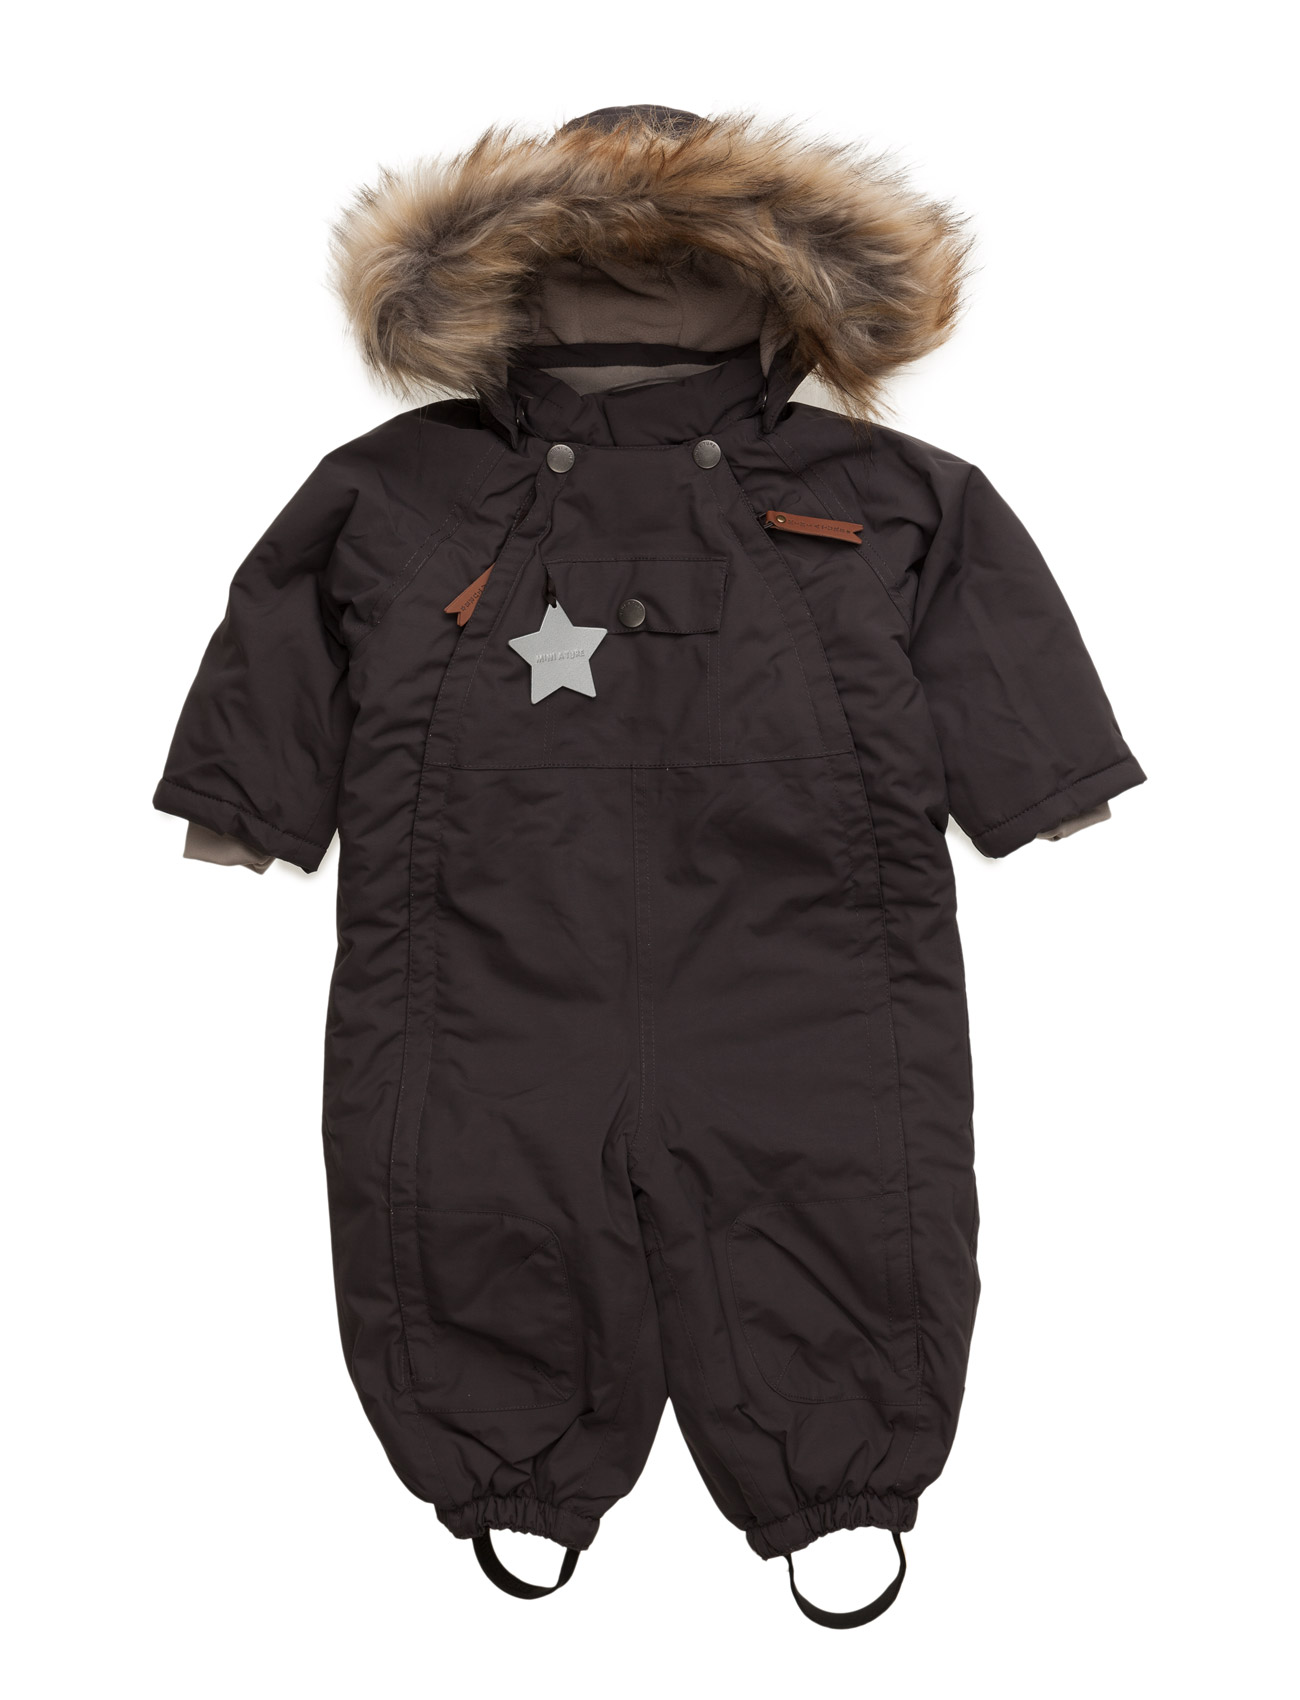 Wisti Faux-Fur, M Mini A Ture Overalls til Børn i